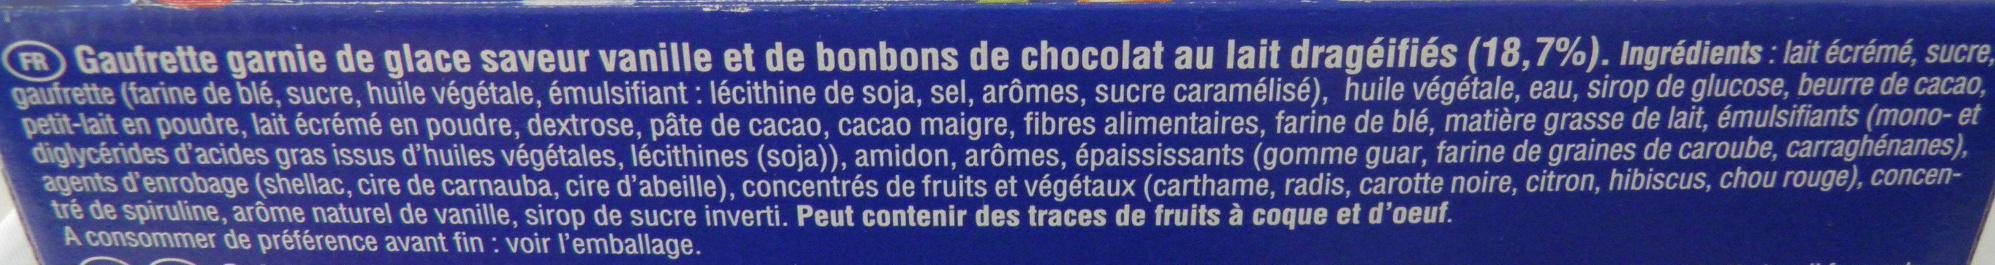 Smarties Fun Cones - Ingrédients - fr